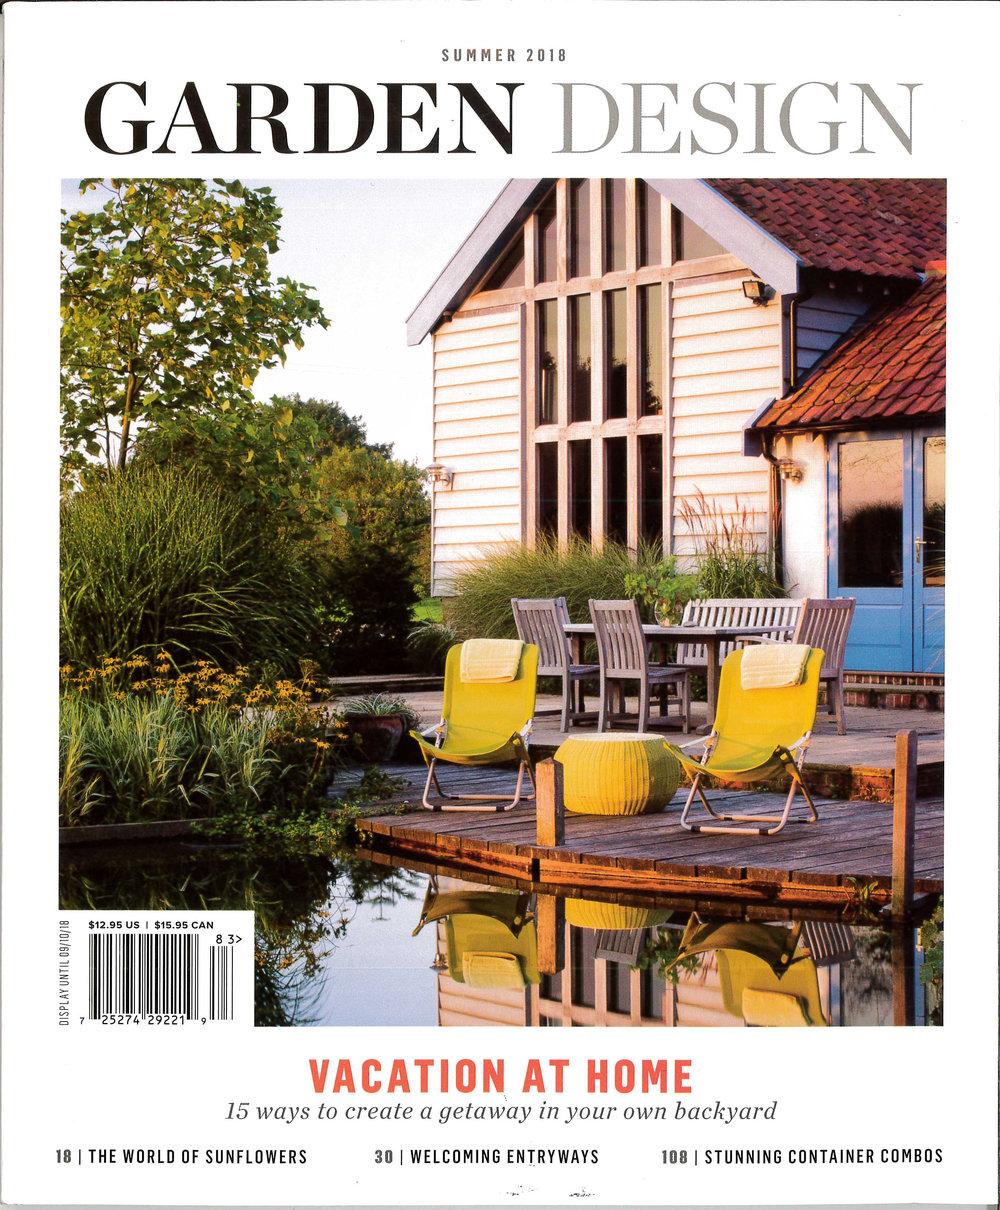 Garden-Design_2018_Summer_Cover.jpg